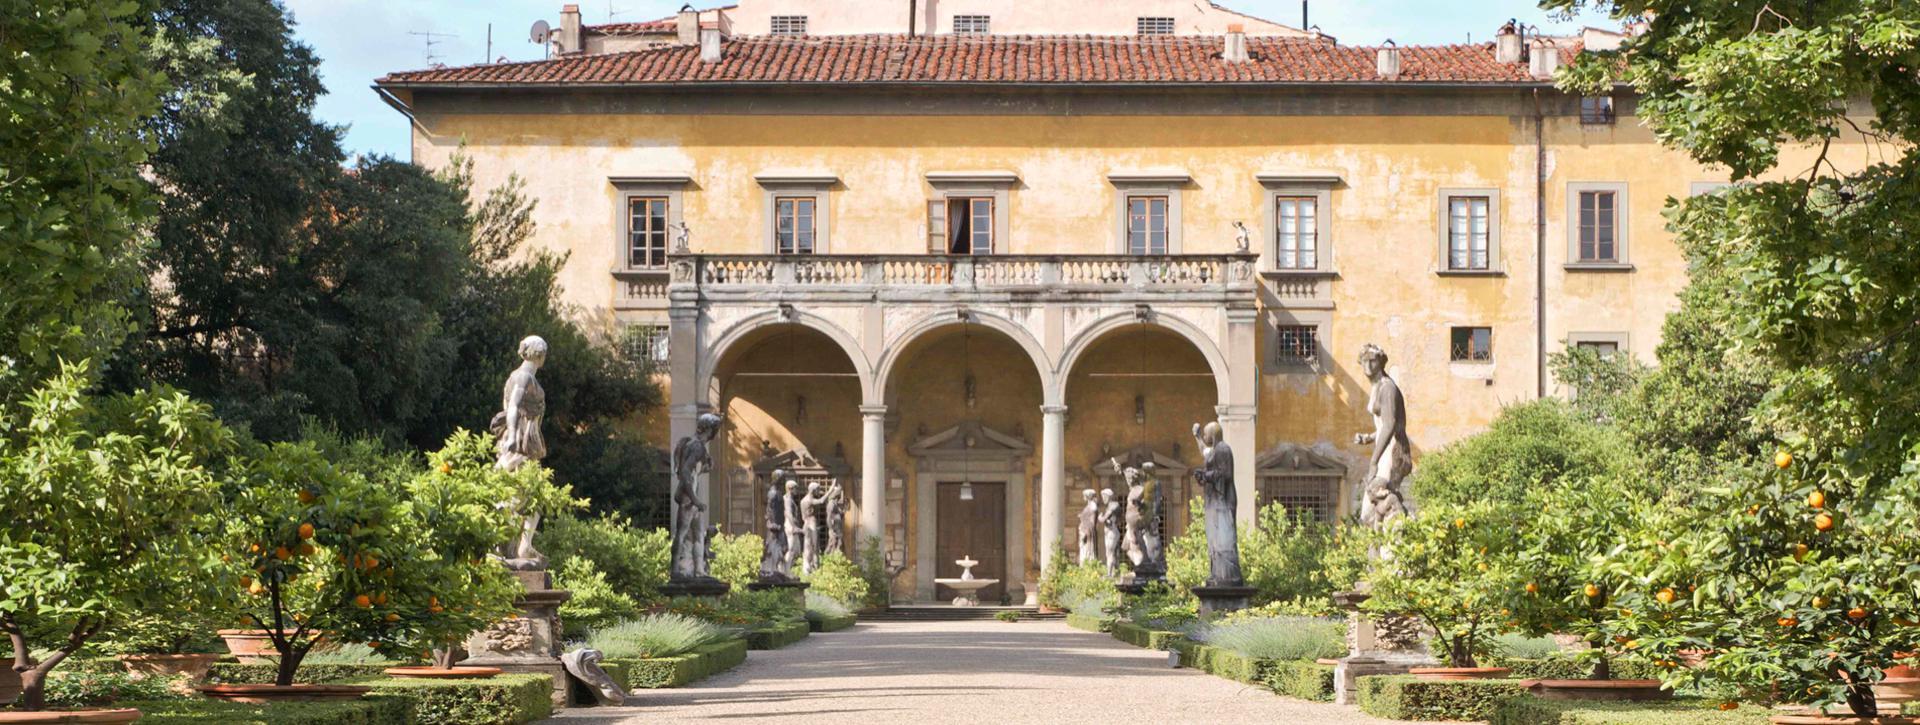 PH:  Artigianato e Palazzo